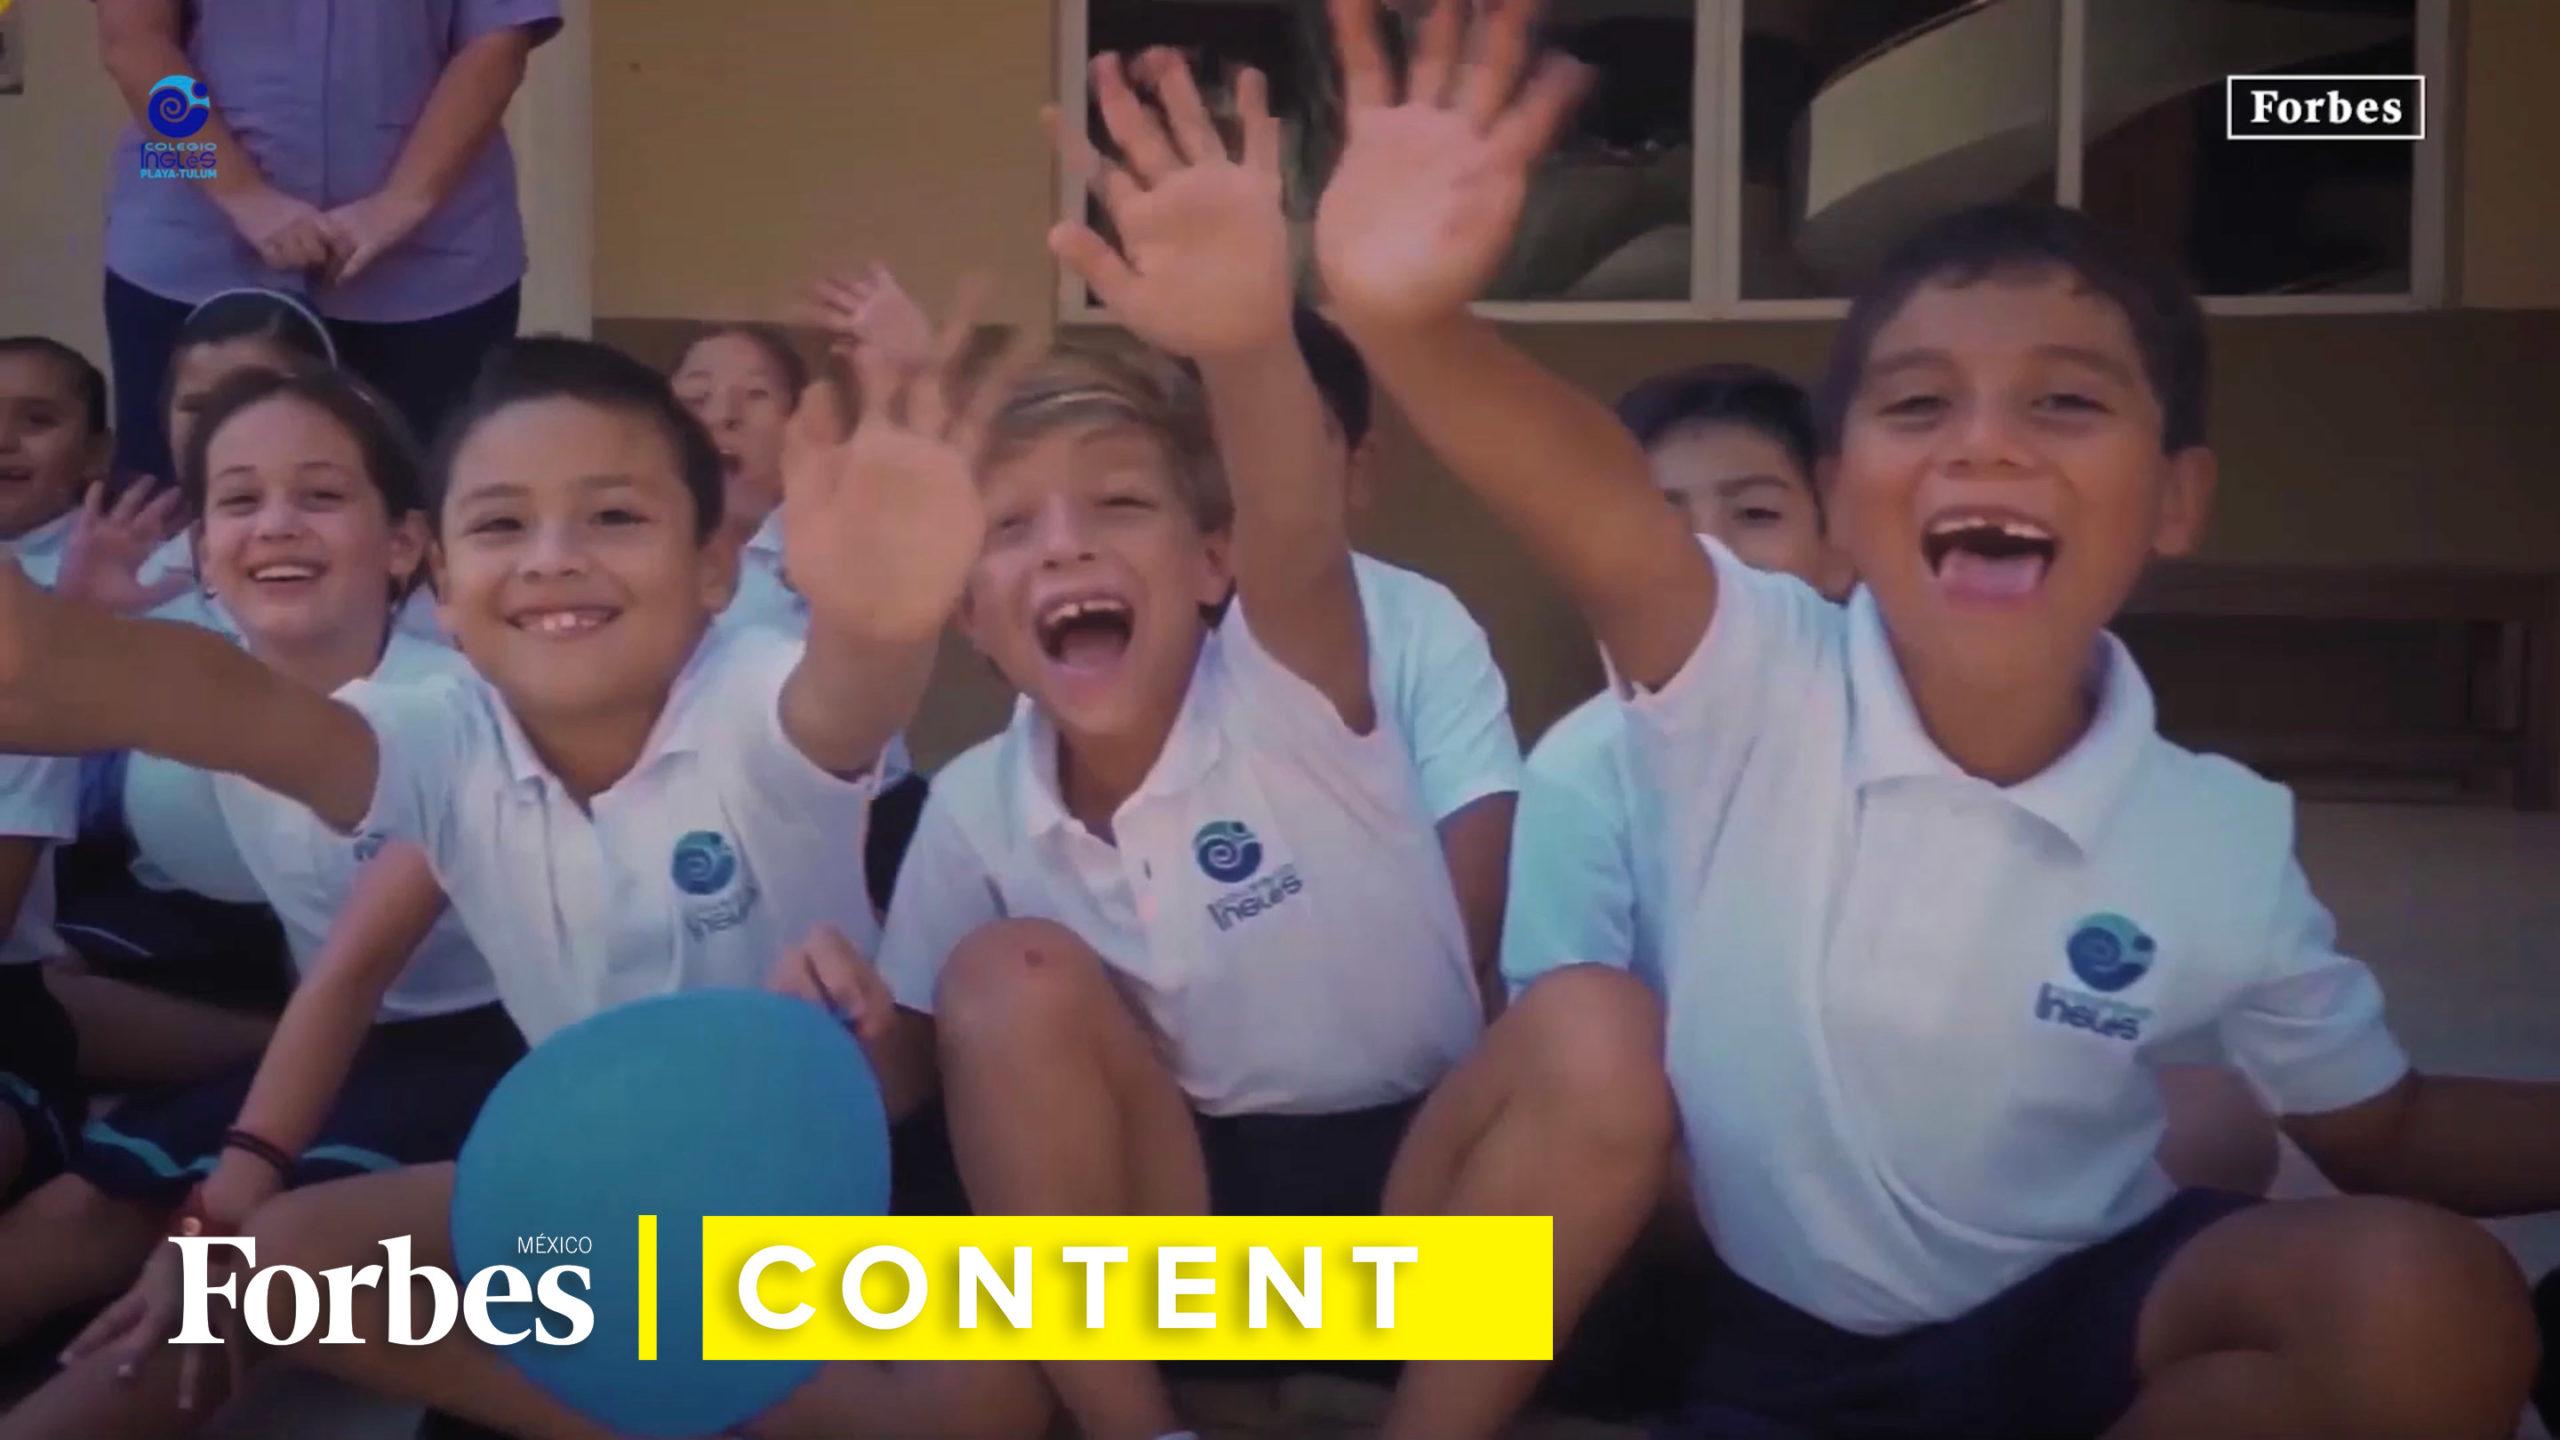 Colegio Inglés Playa y Tulum: educación consciente para los líderes del mañana